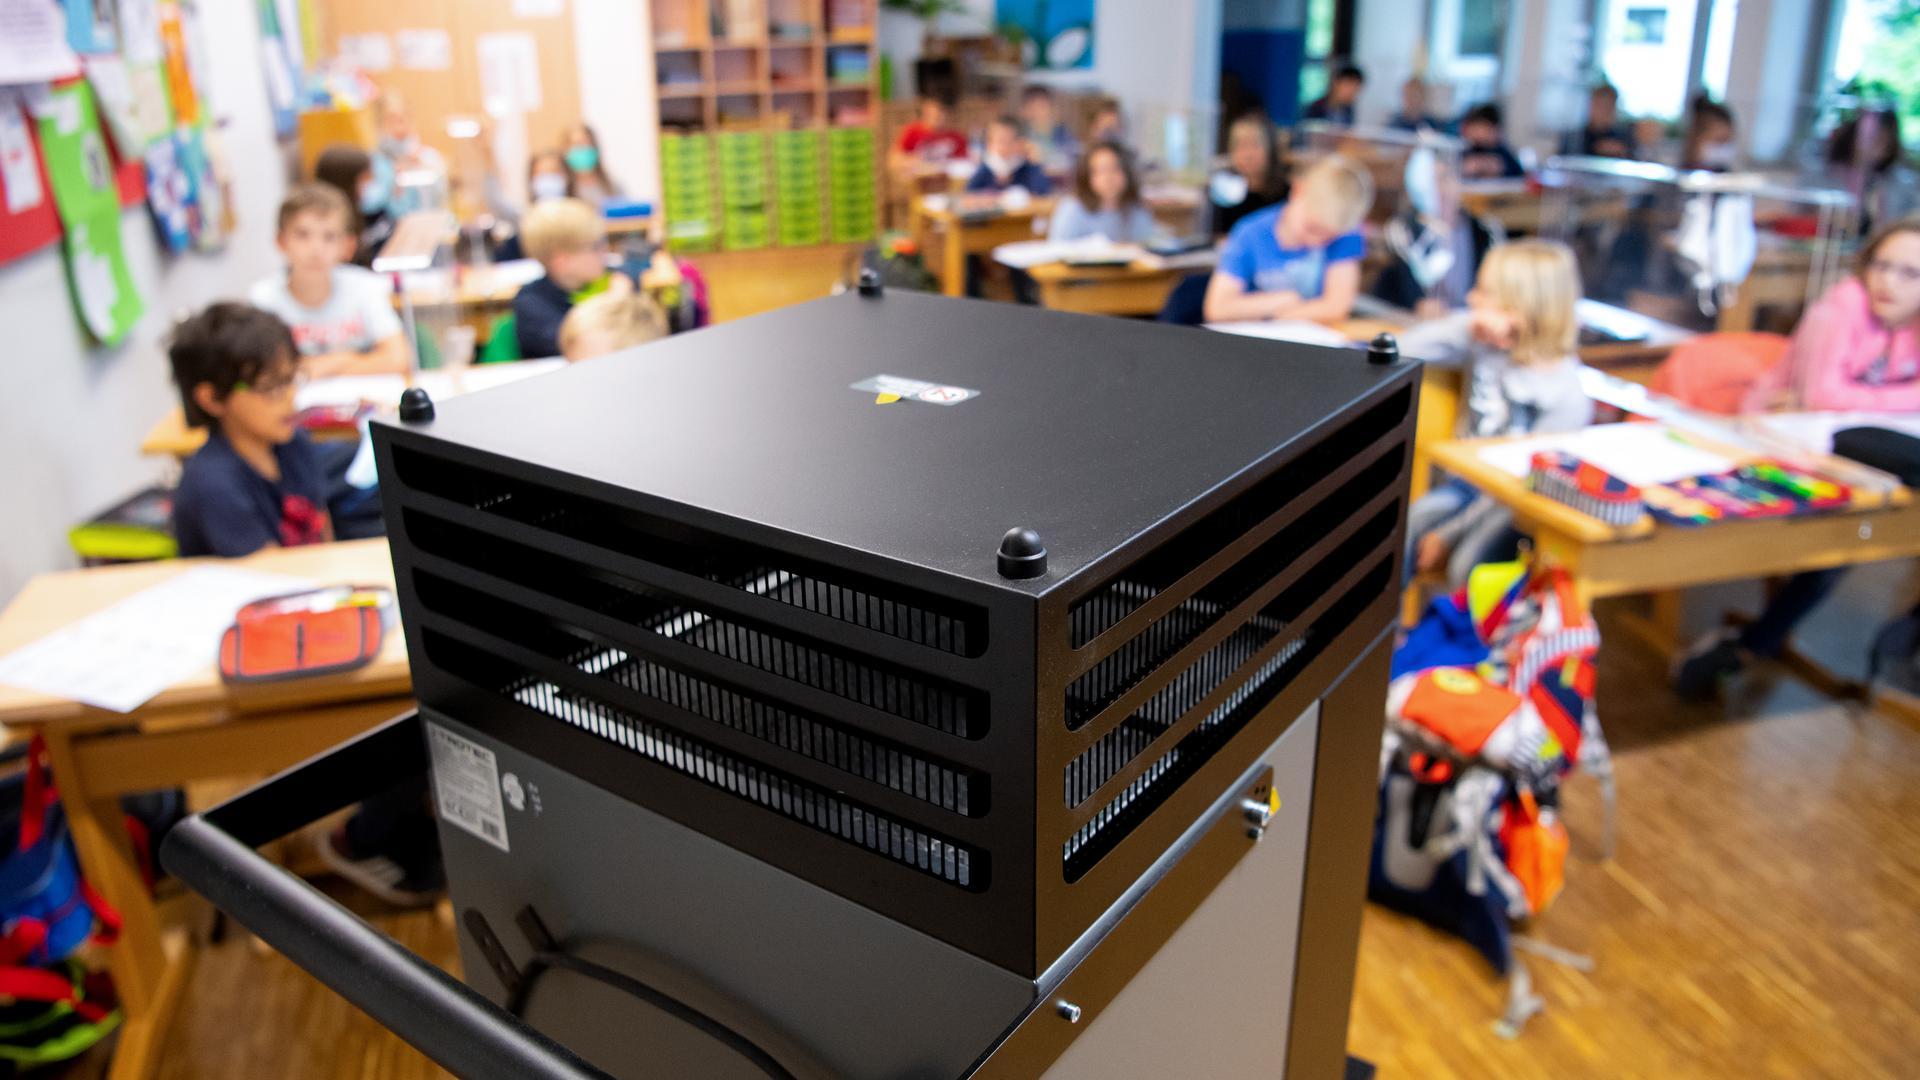 Luftfilter sind nur eine Option: Die Universität Stuttgart hat untersucht, wie man Klassenzimmer in Schulen am besten Lüftet. Die technischen Möglichkeiten können in der Pandemie helfen, ersetzen geöffnete Fenster aber nicht, sind sie überzeugt.